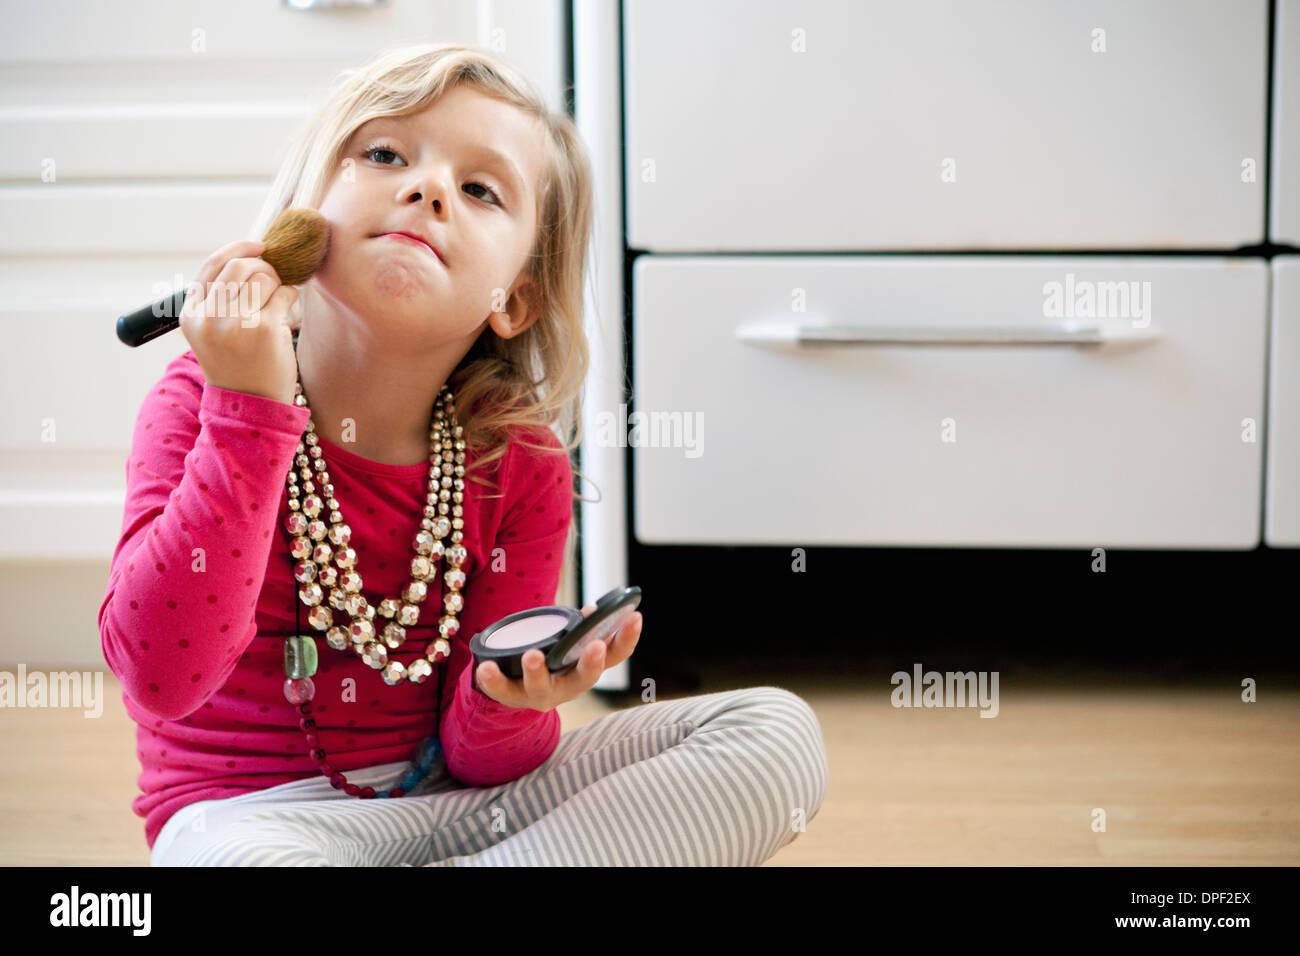 Giovane ragazza seduta sul pavimento della cucina con il make up Immagini Stock